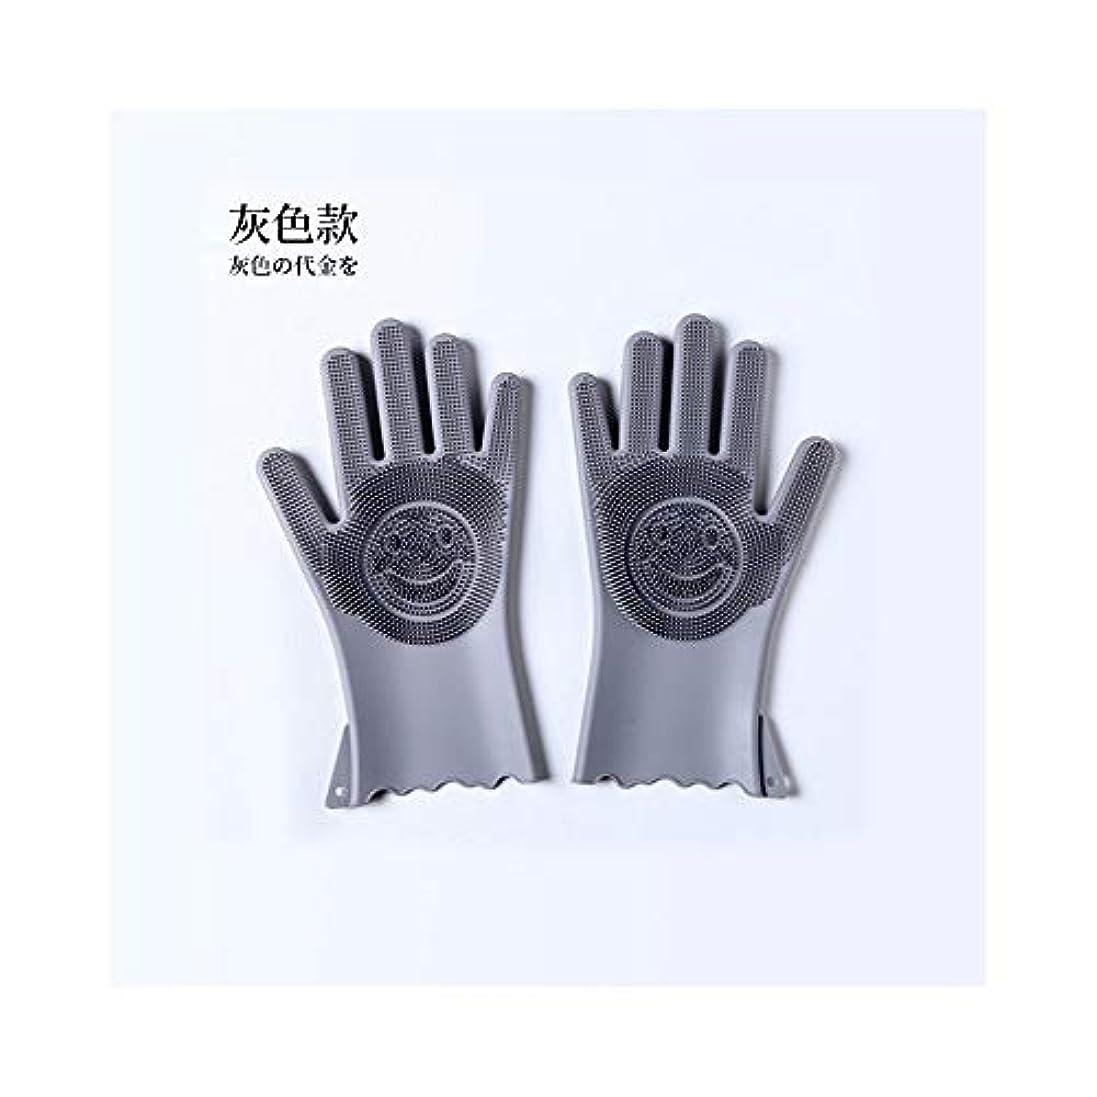 スプリット取り扱い構成員ニトリルゴム手袋 作業用手袋防水厚くて丈夫なシリコーン多機能キッチン家庭用手袋 使い捨て手袋 (Color : Gray, Size : M)